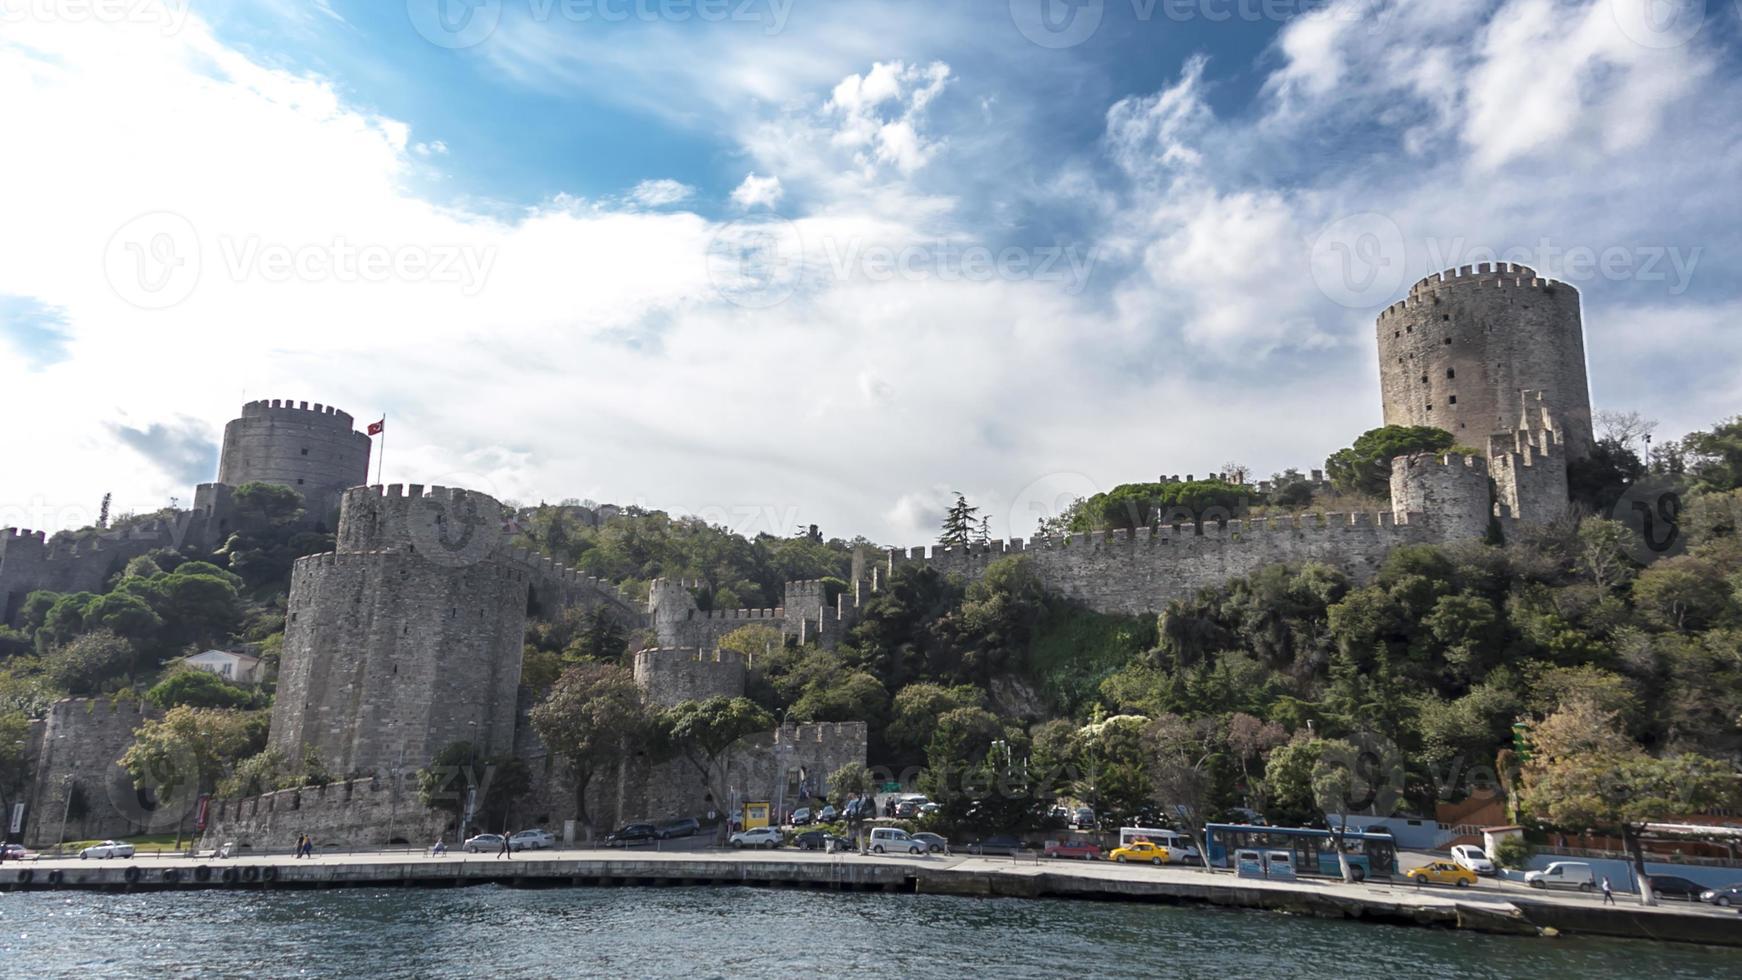 Europa´s castle on Bosporus photo